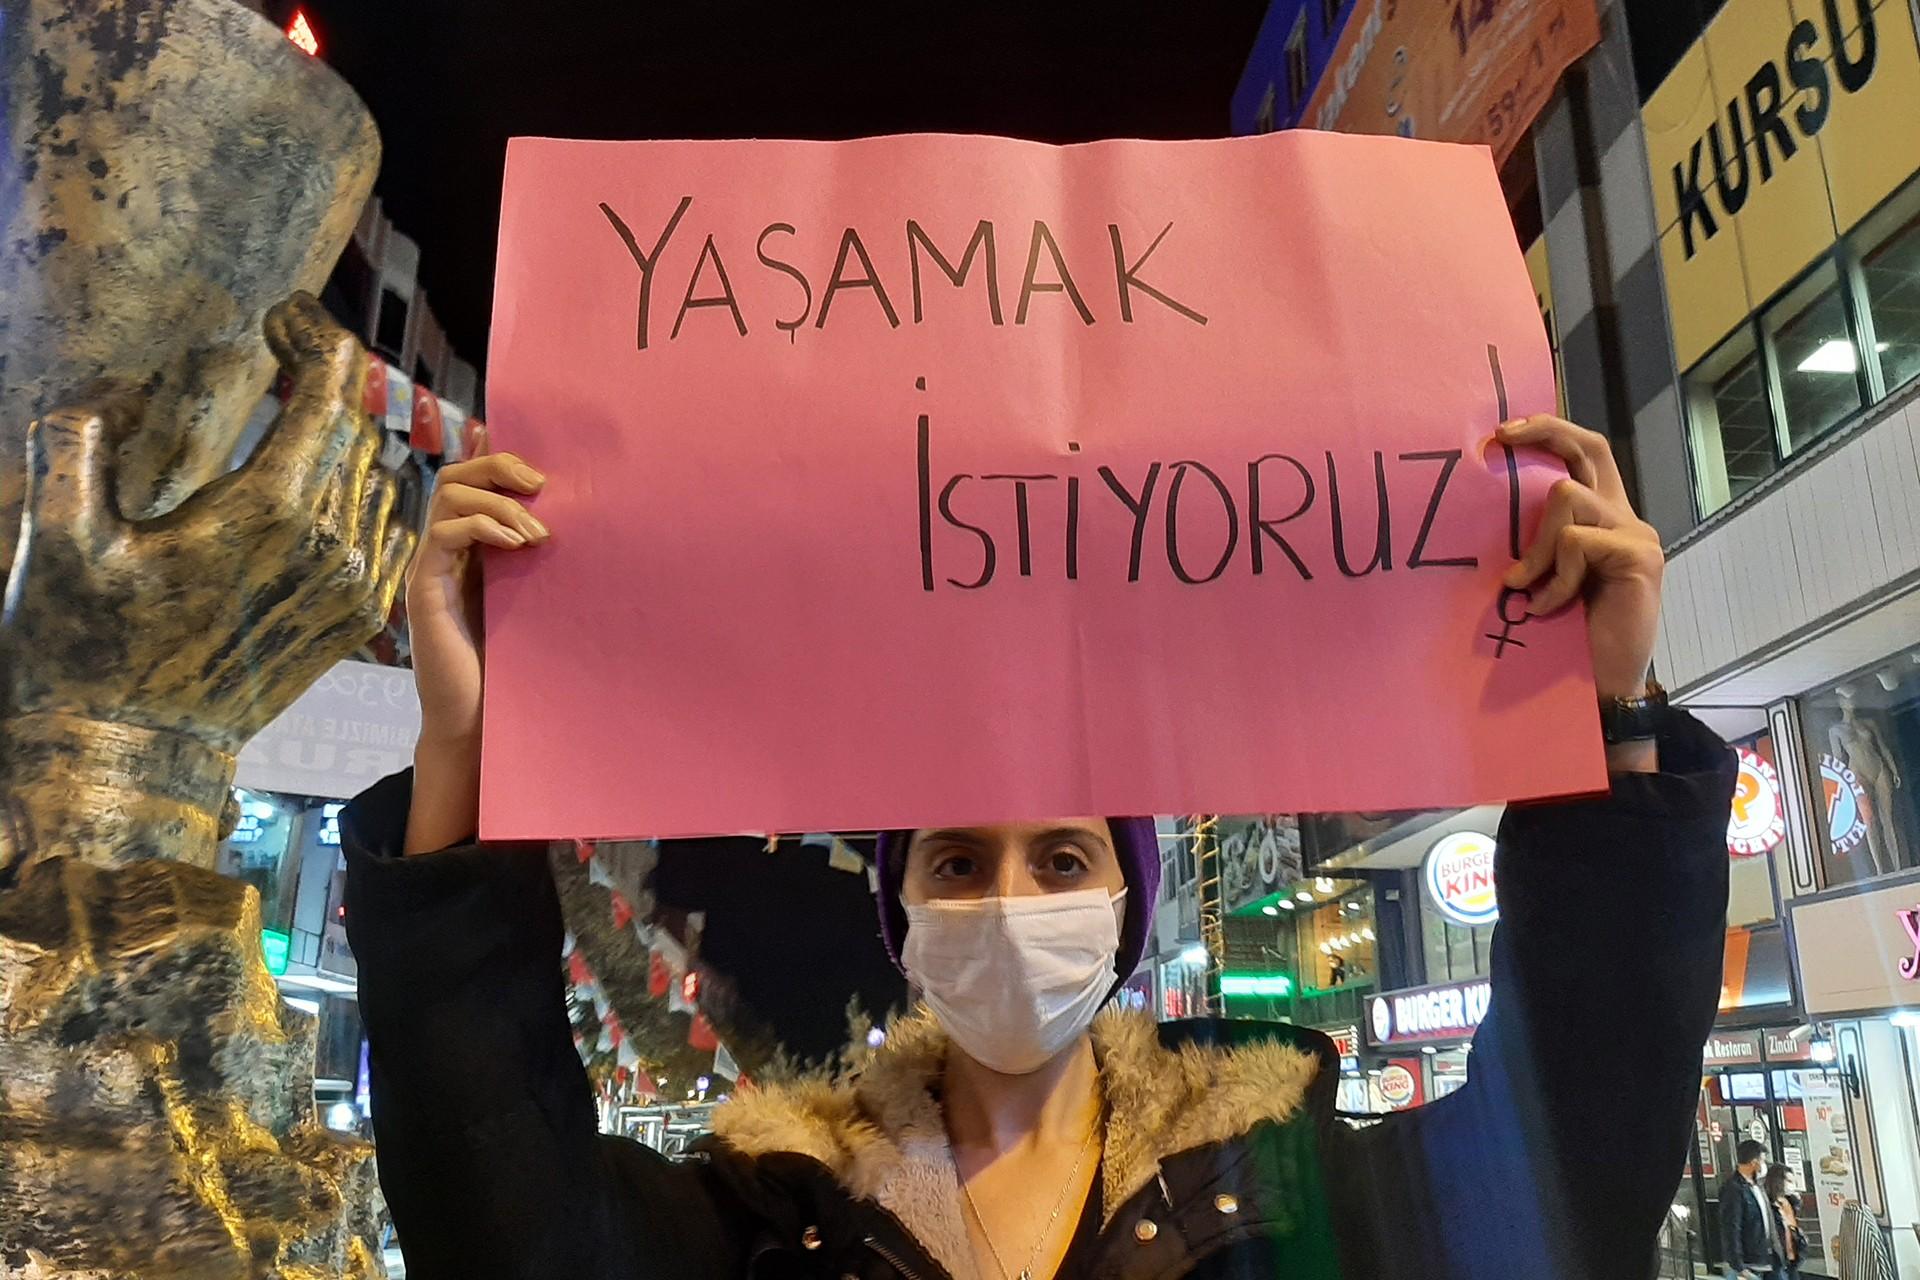 Avcılar Kadın Platformu, 25 Kasım'da Kadıköy'de geçekleştirilecek eyleme çağrı yaptı.